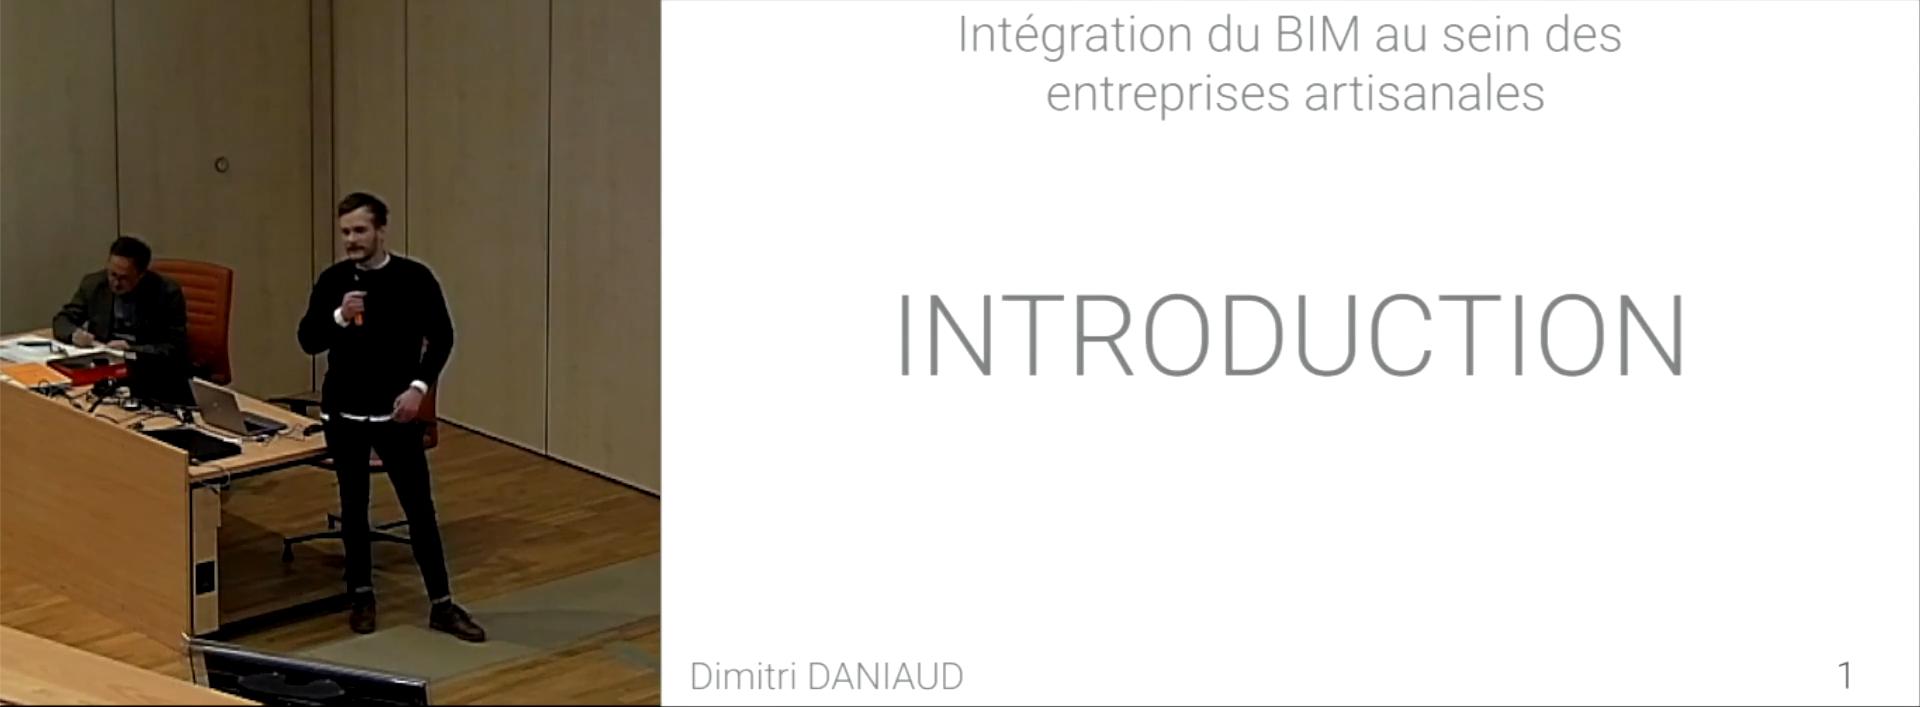 Intégration du BIM au sein des entreprises artisanales